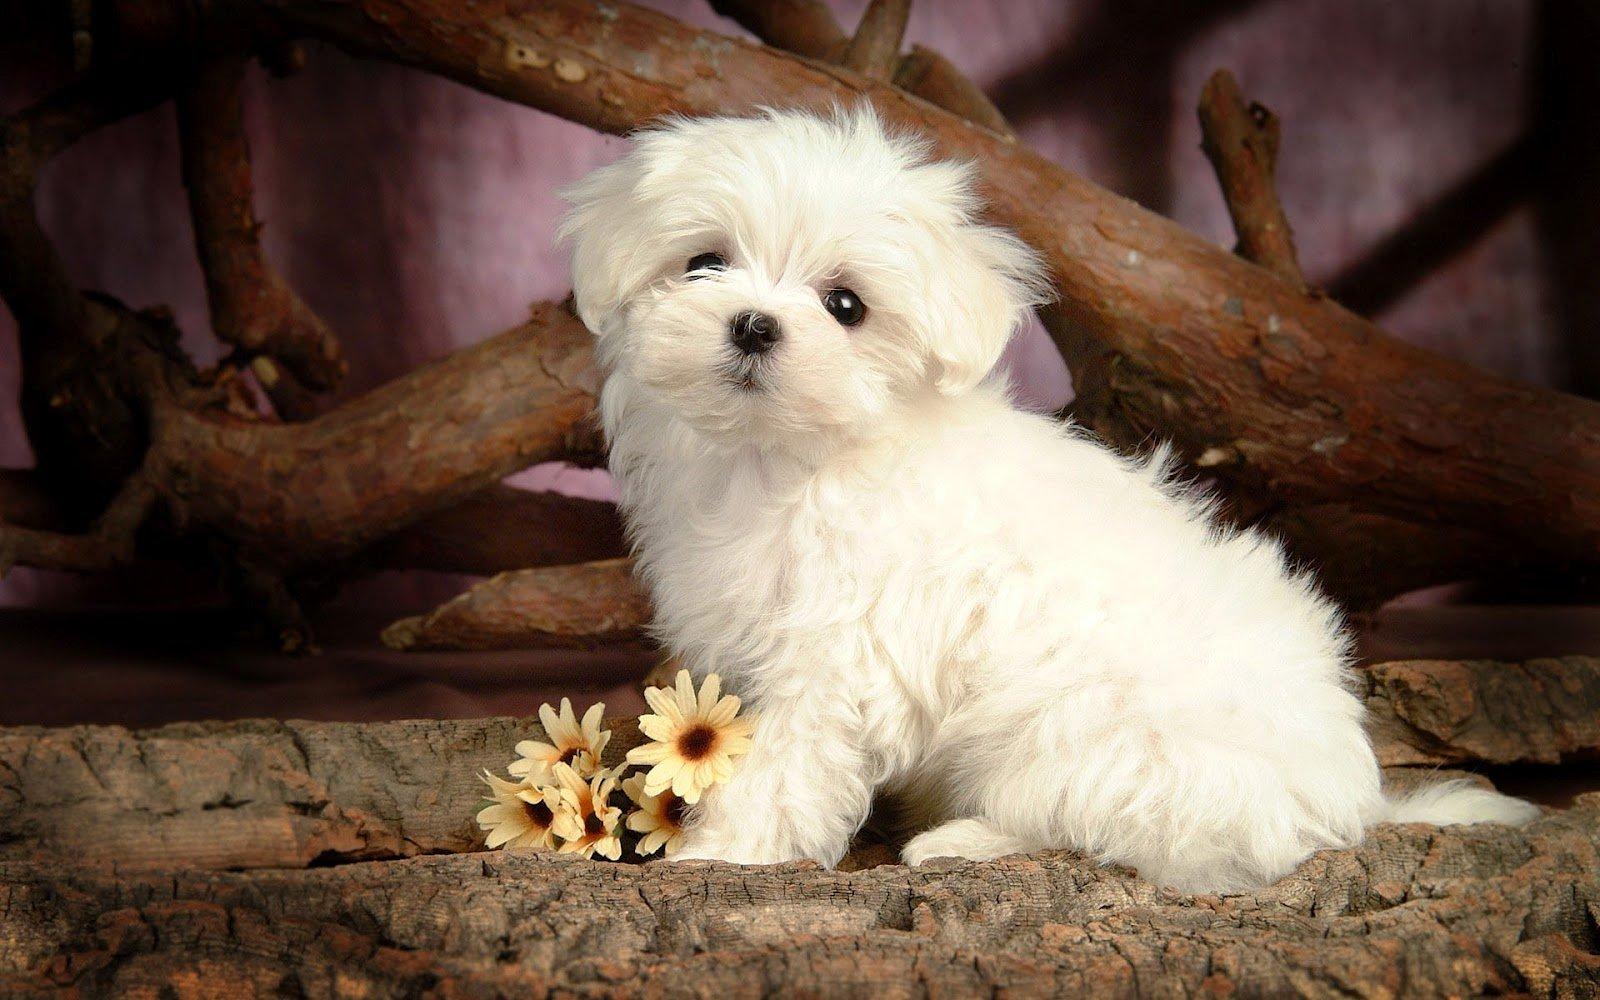 Cute Dog Images Hd Wallpapers Desktop Images Fidelity: Descubre Los Aspectos Más Importantes De La Raza De Perro